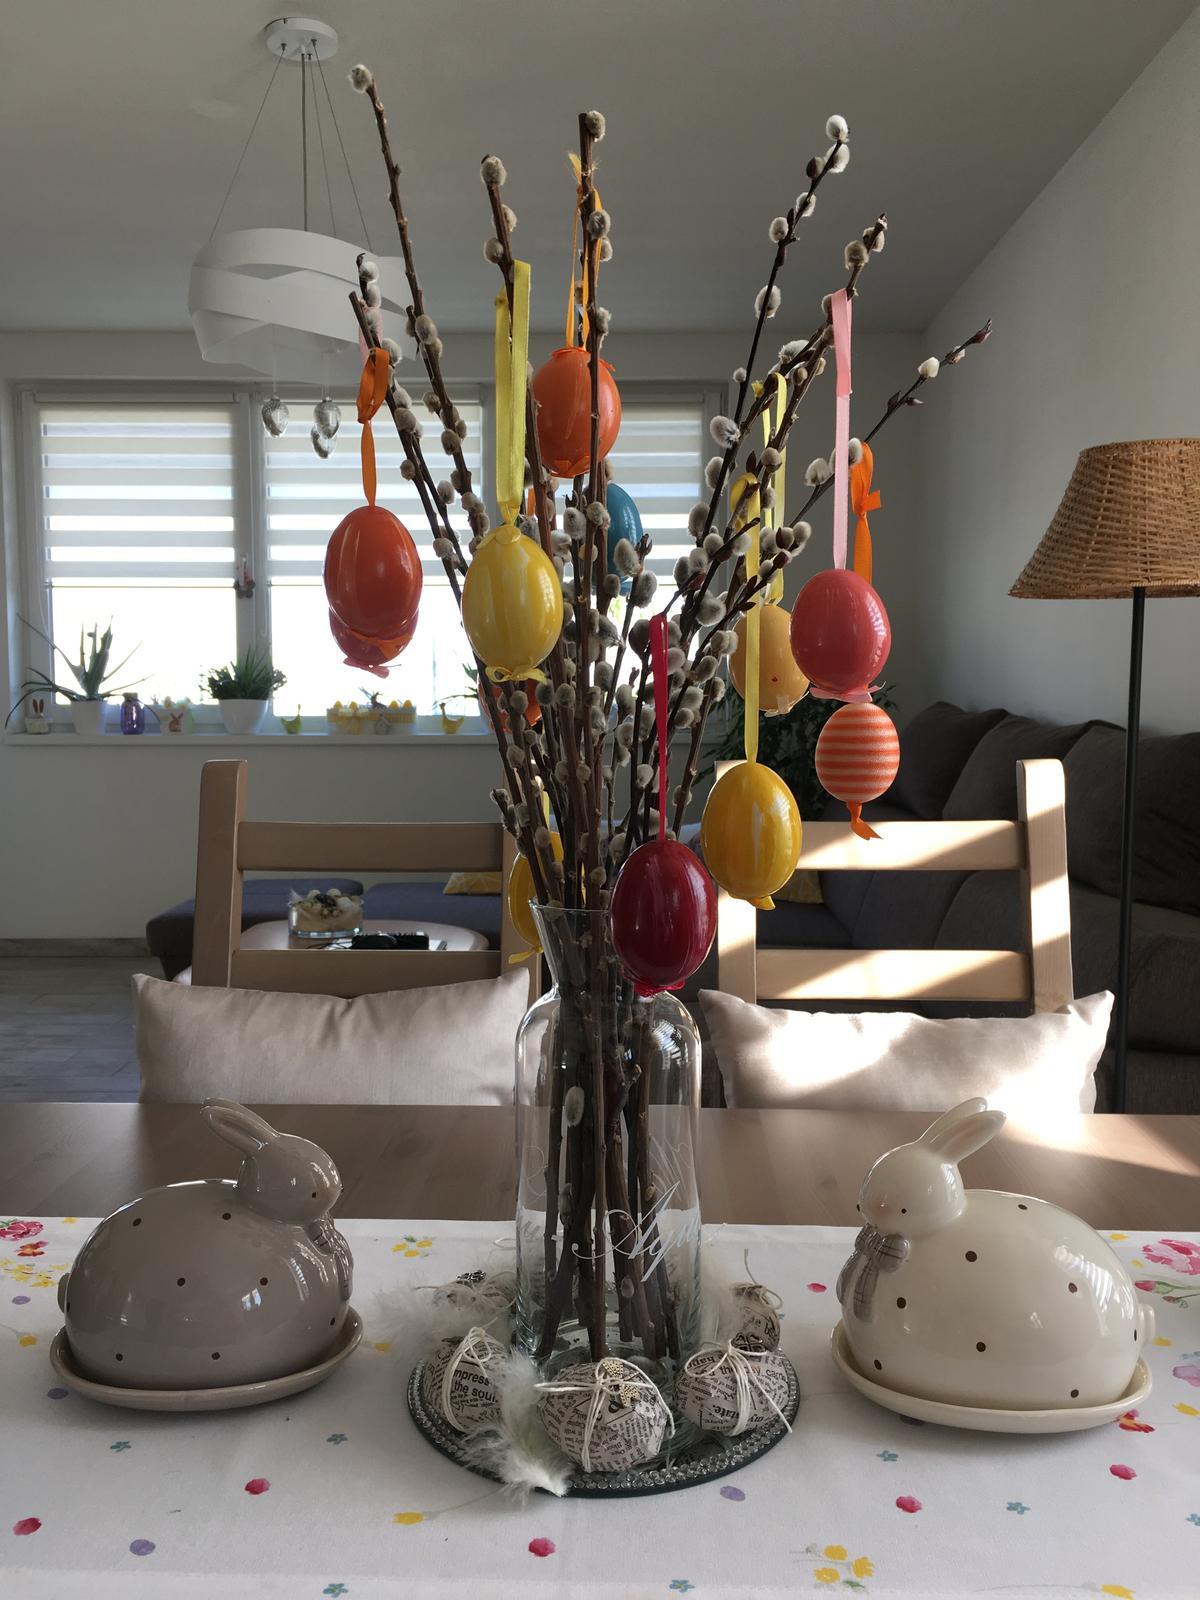 Detaily nášho interiéru  a  exteriéru - Krásne veľkonočné sviatky všetkým!